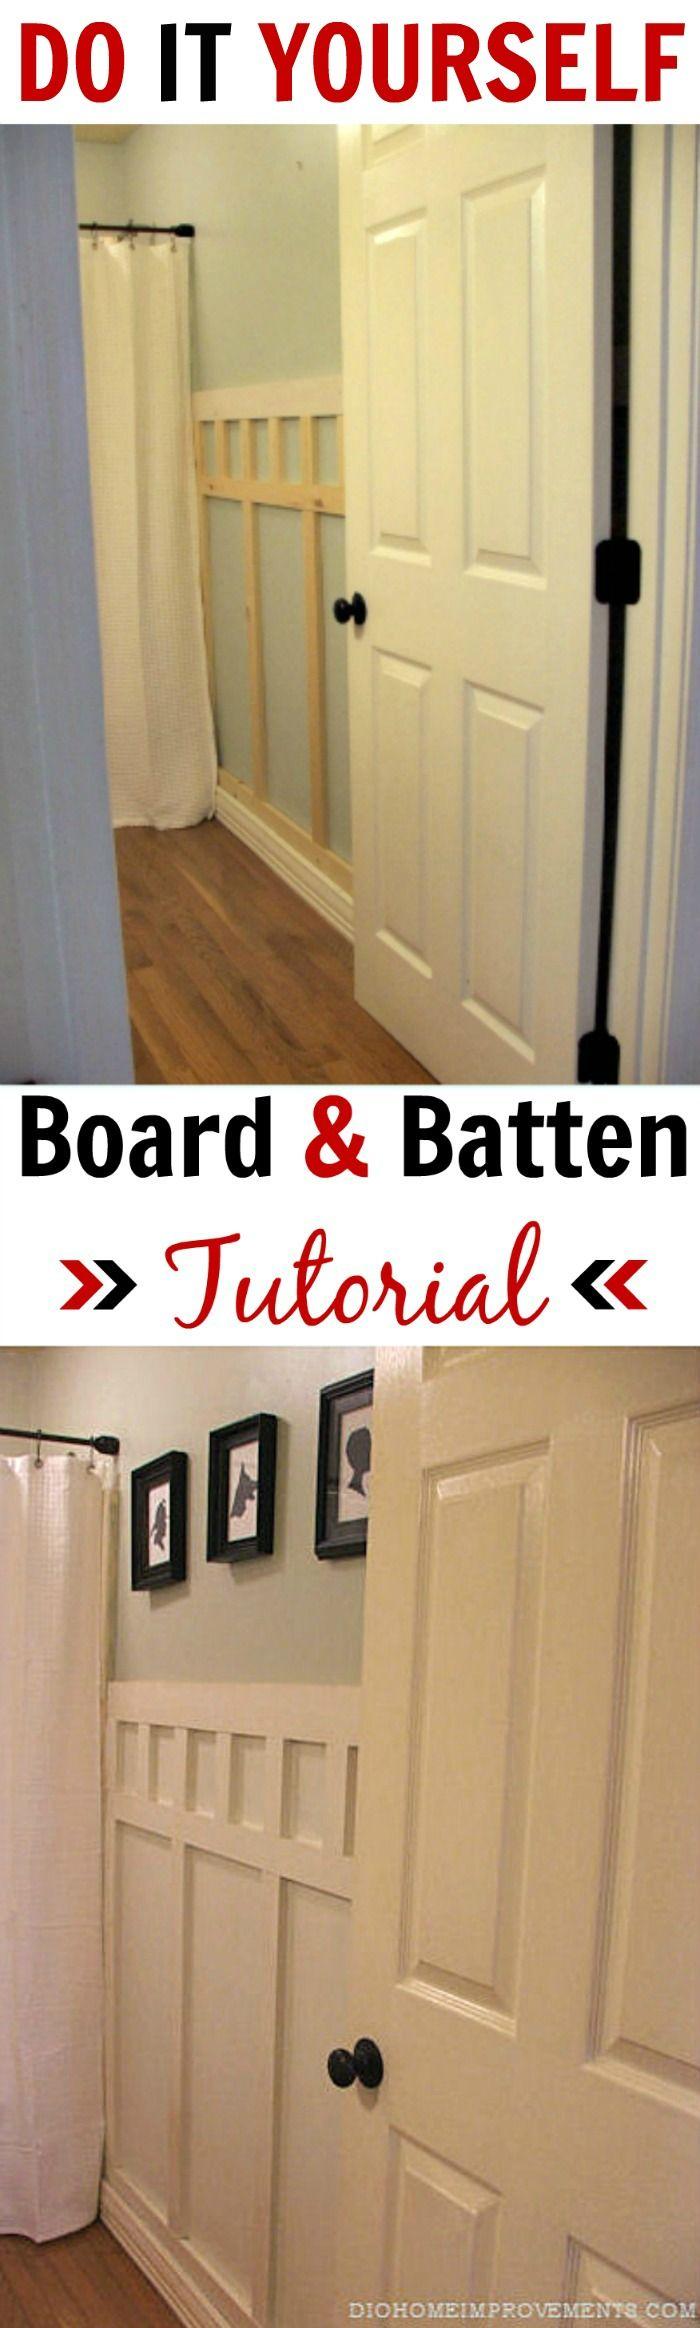 Bathroom diy decorations - Diy Board And Batten Tutorial